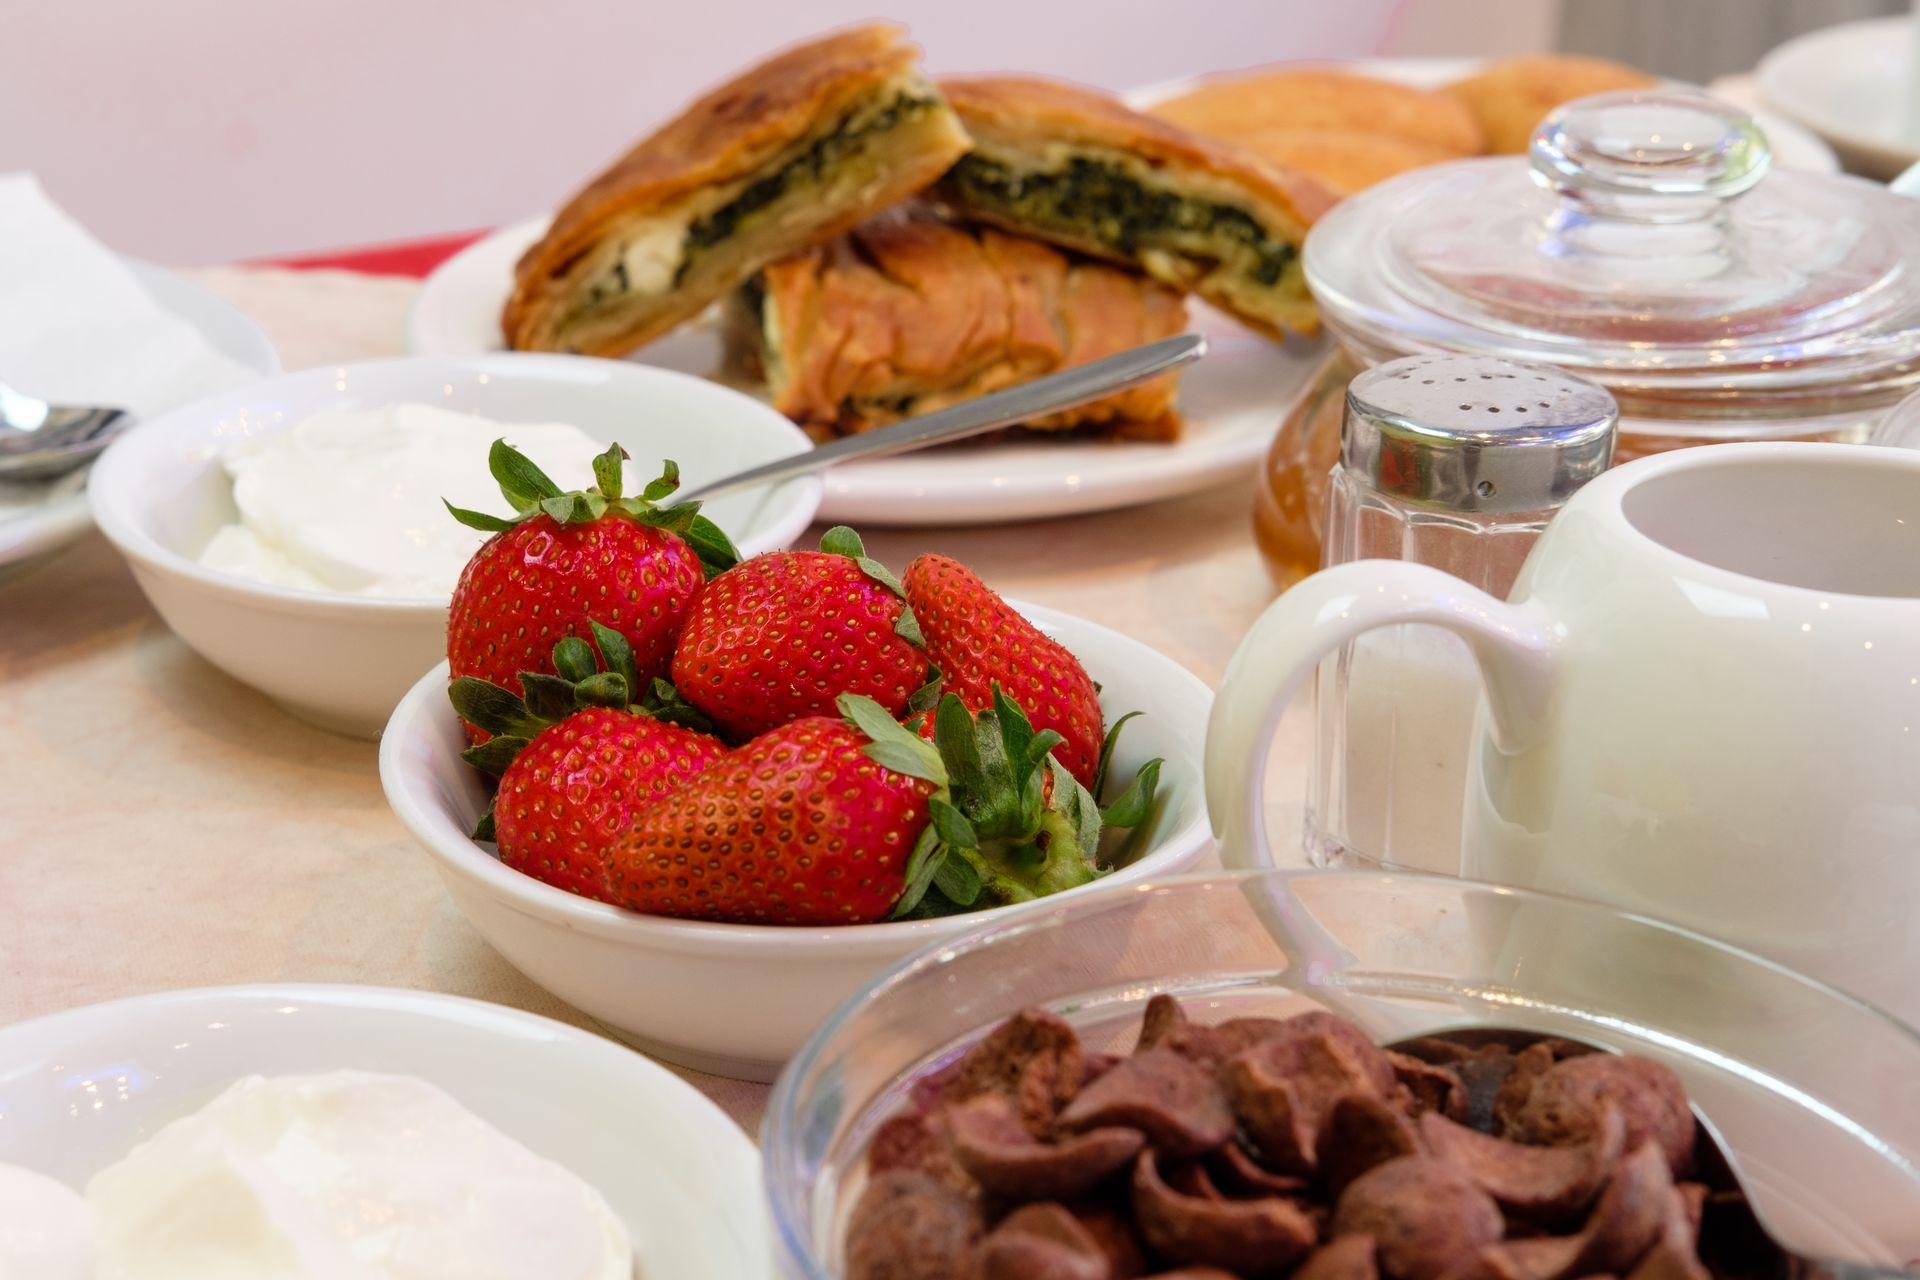 _breakfast 0564_2020_06_hotel segas_resized